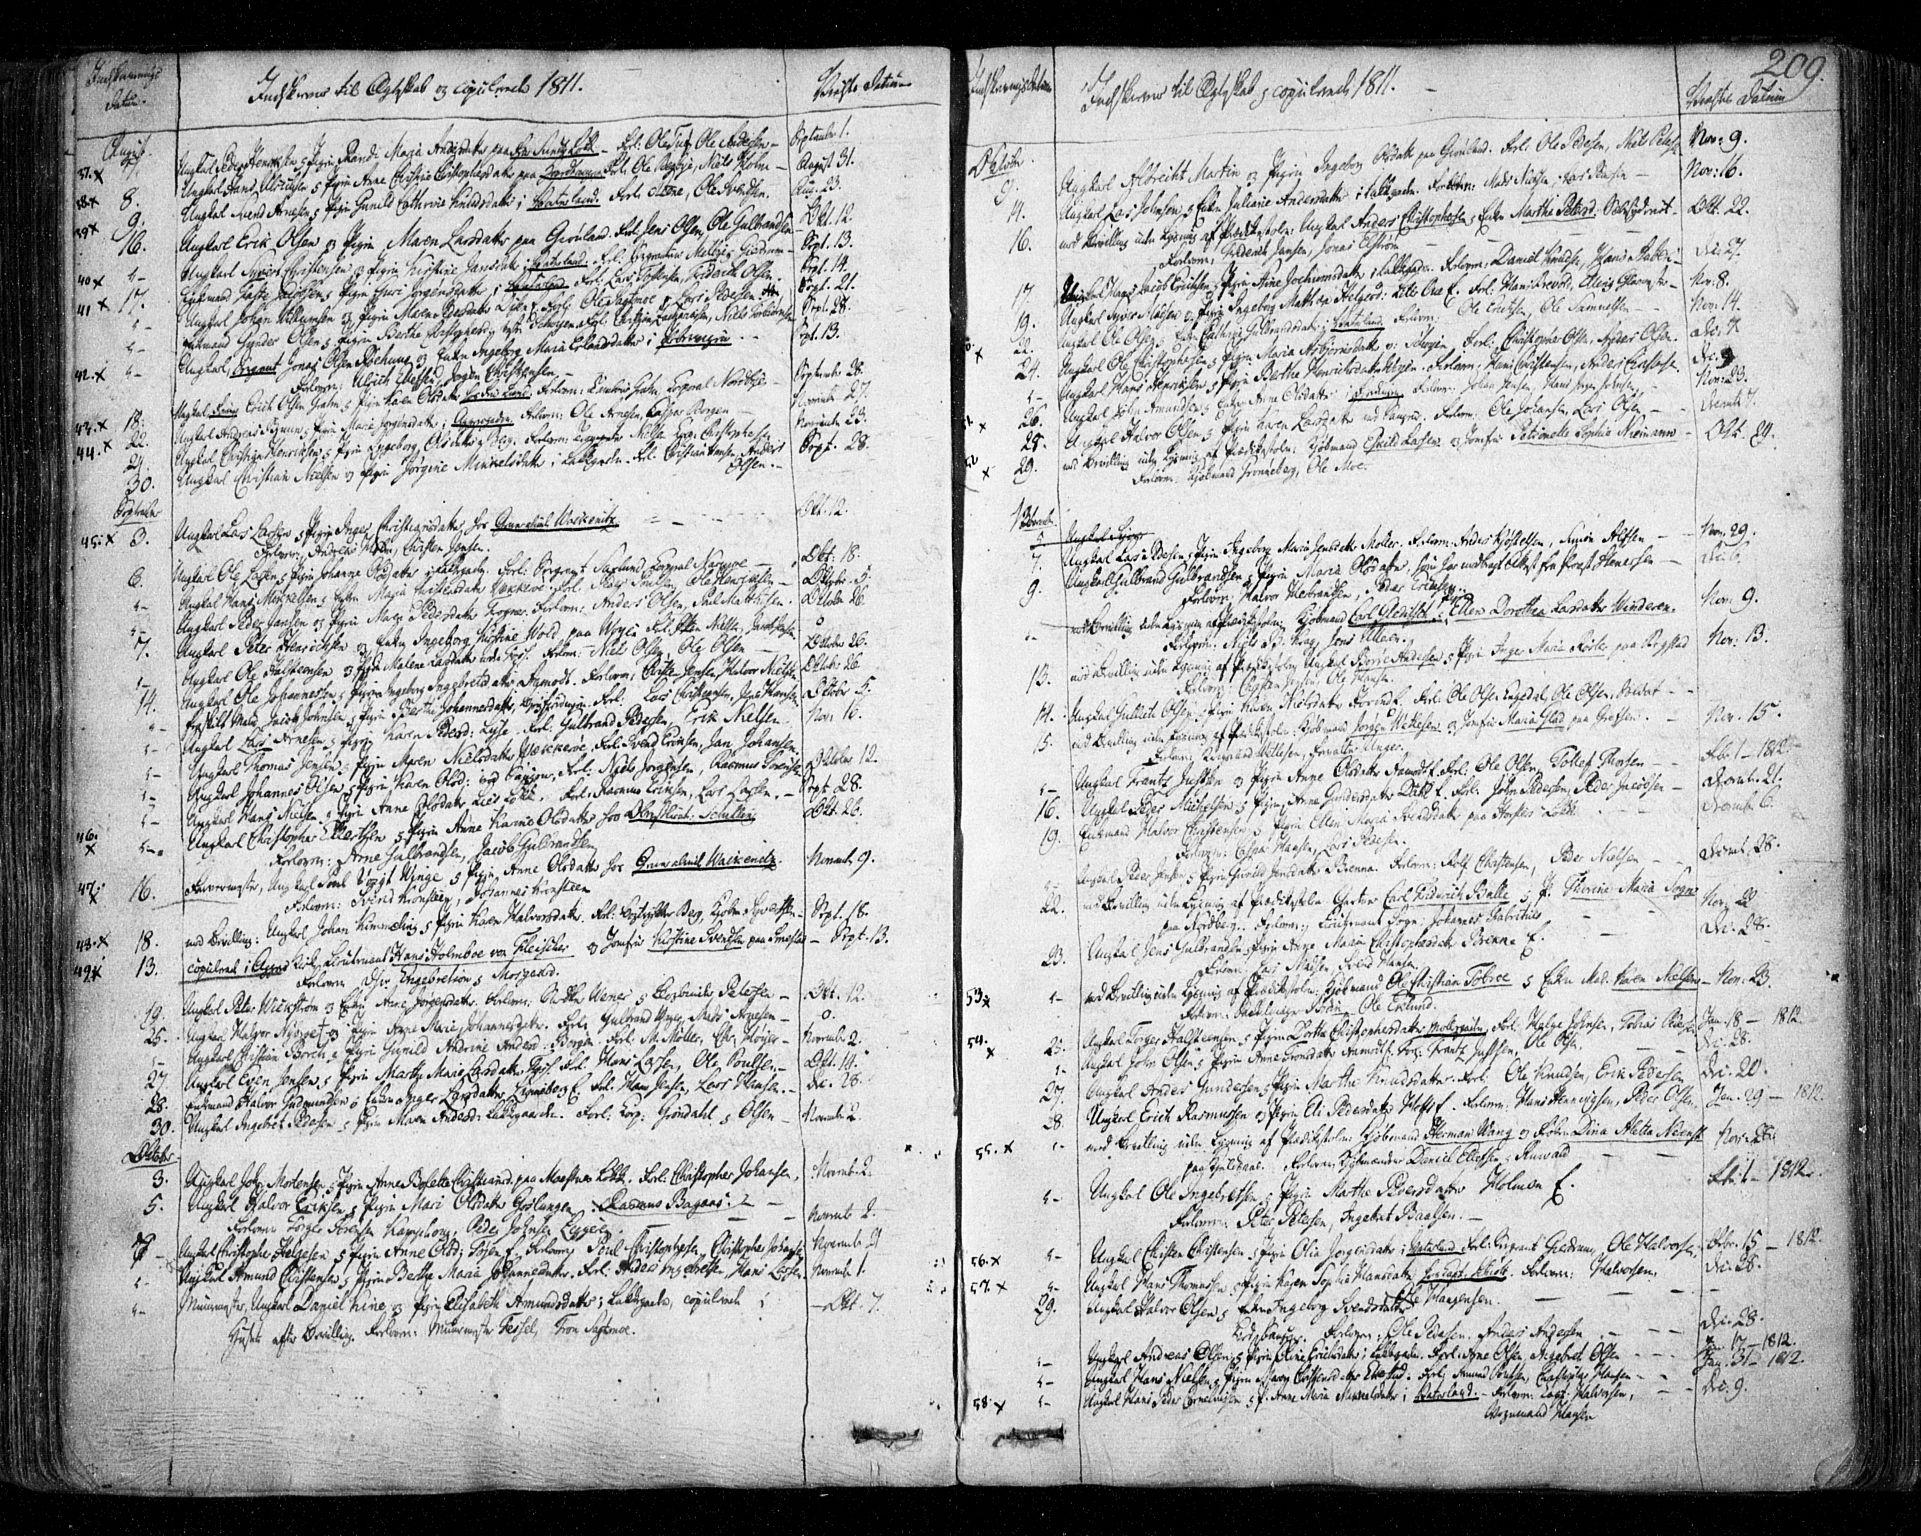 SAO, Aker prestekontor kirkebøker, F/L0011: Ministerialbok nr. 11, 1810-1819, s. 209